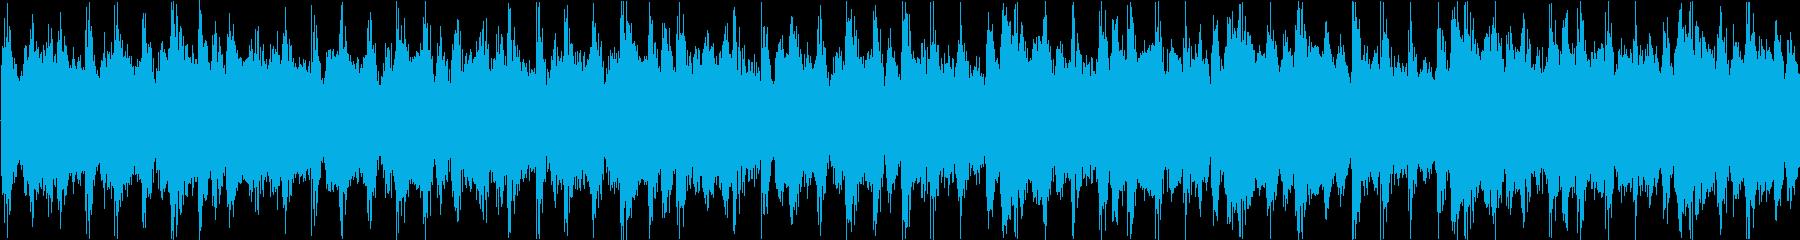 メニュー画面等のイメージ 明るめ ルー…の再生済みの波形